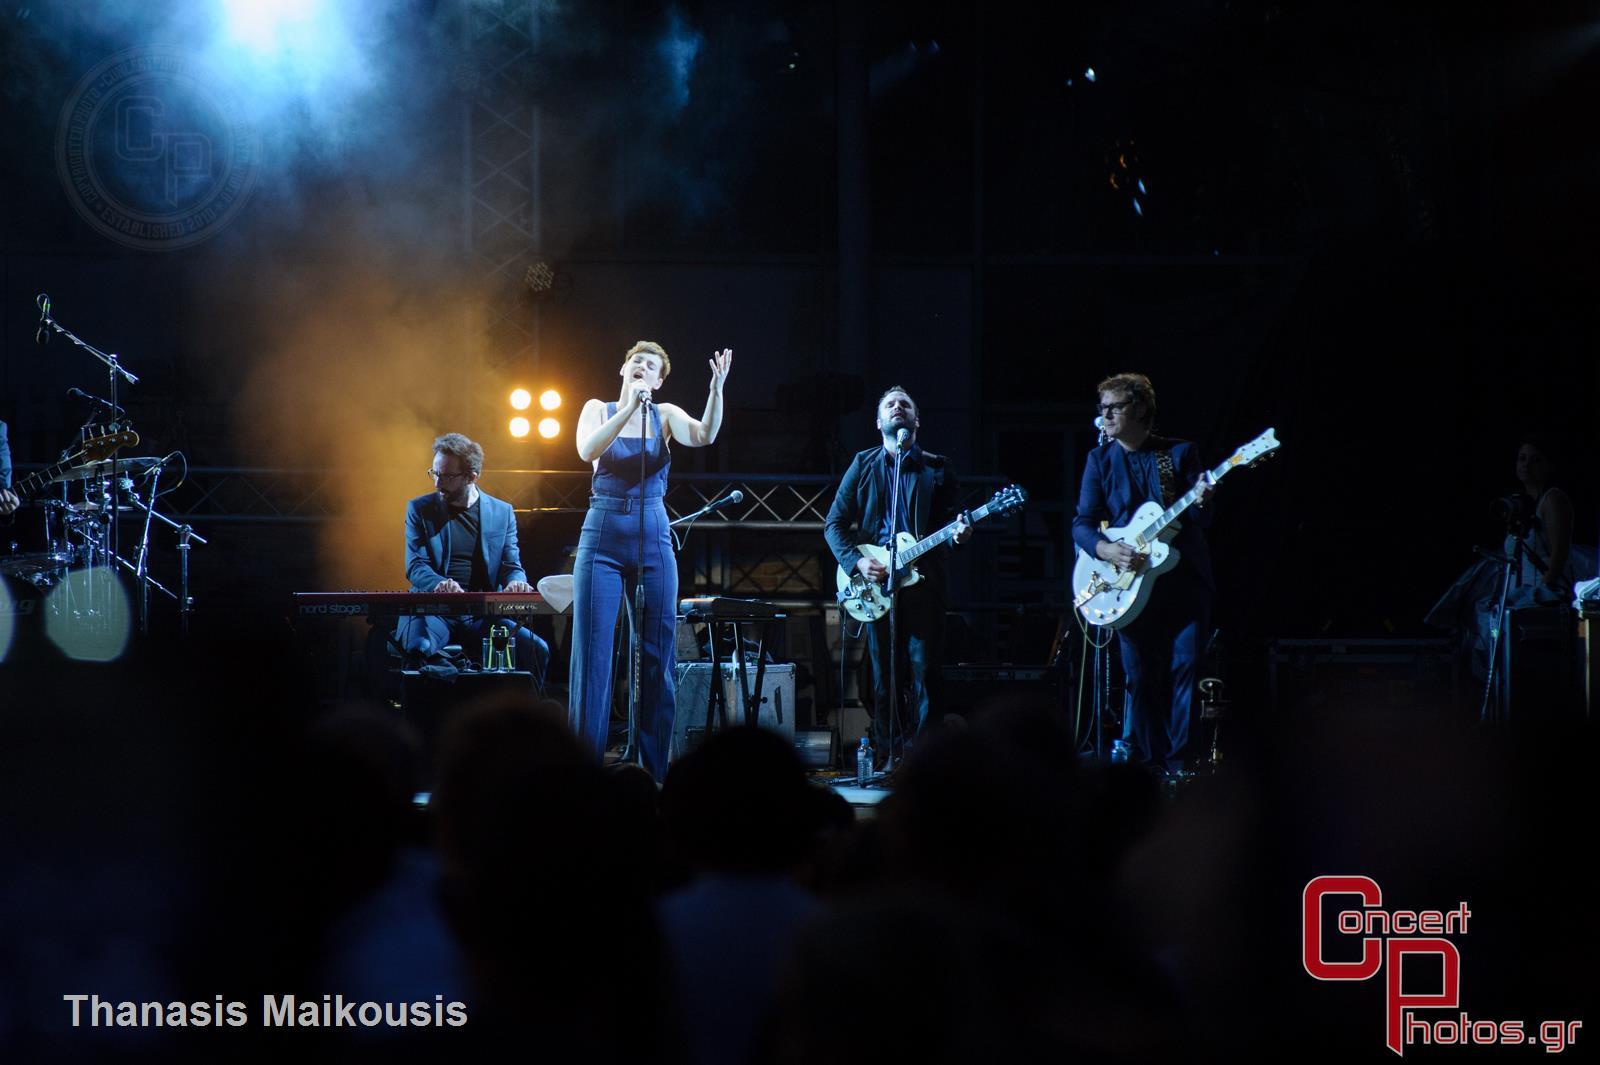 En Lefko 2014-En Lefko 2014 photographer: Thanasis Maikousis - concertphotos_20140620_21_06_17